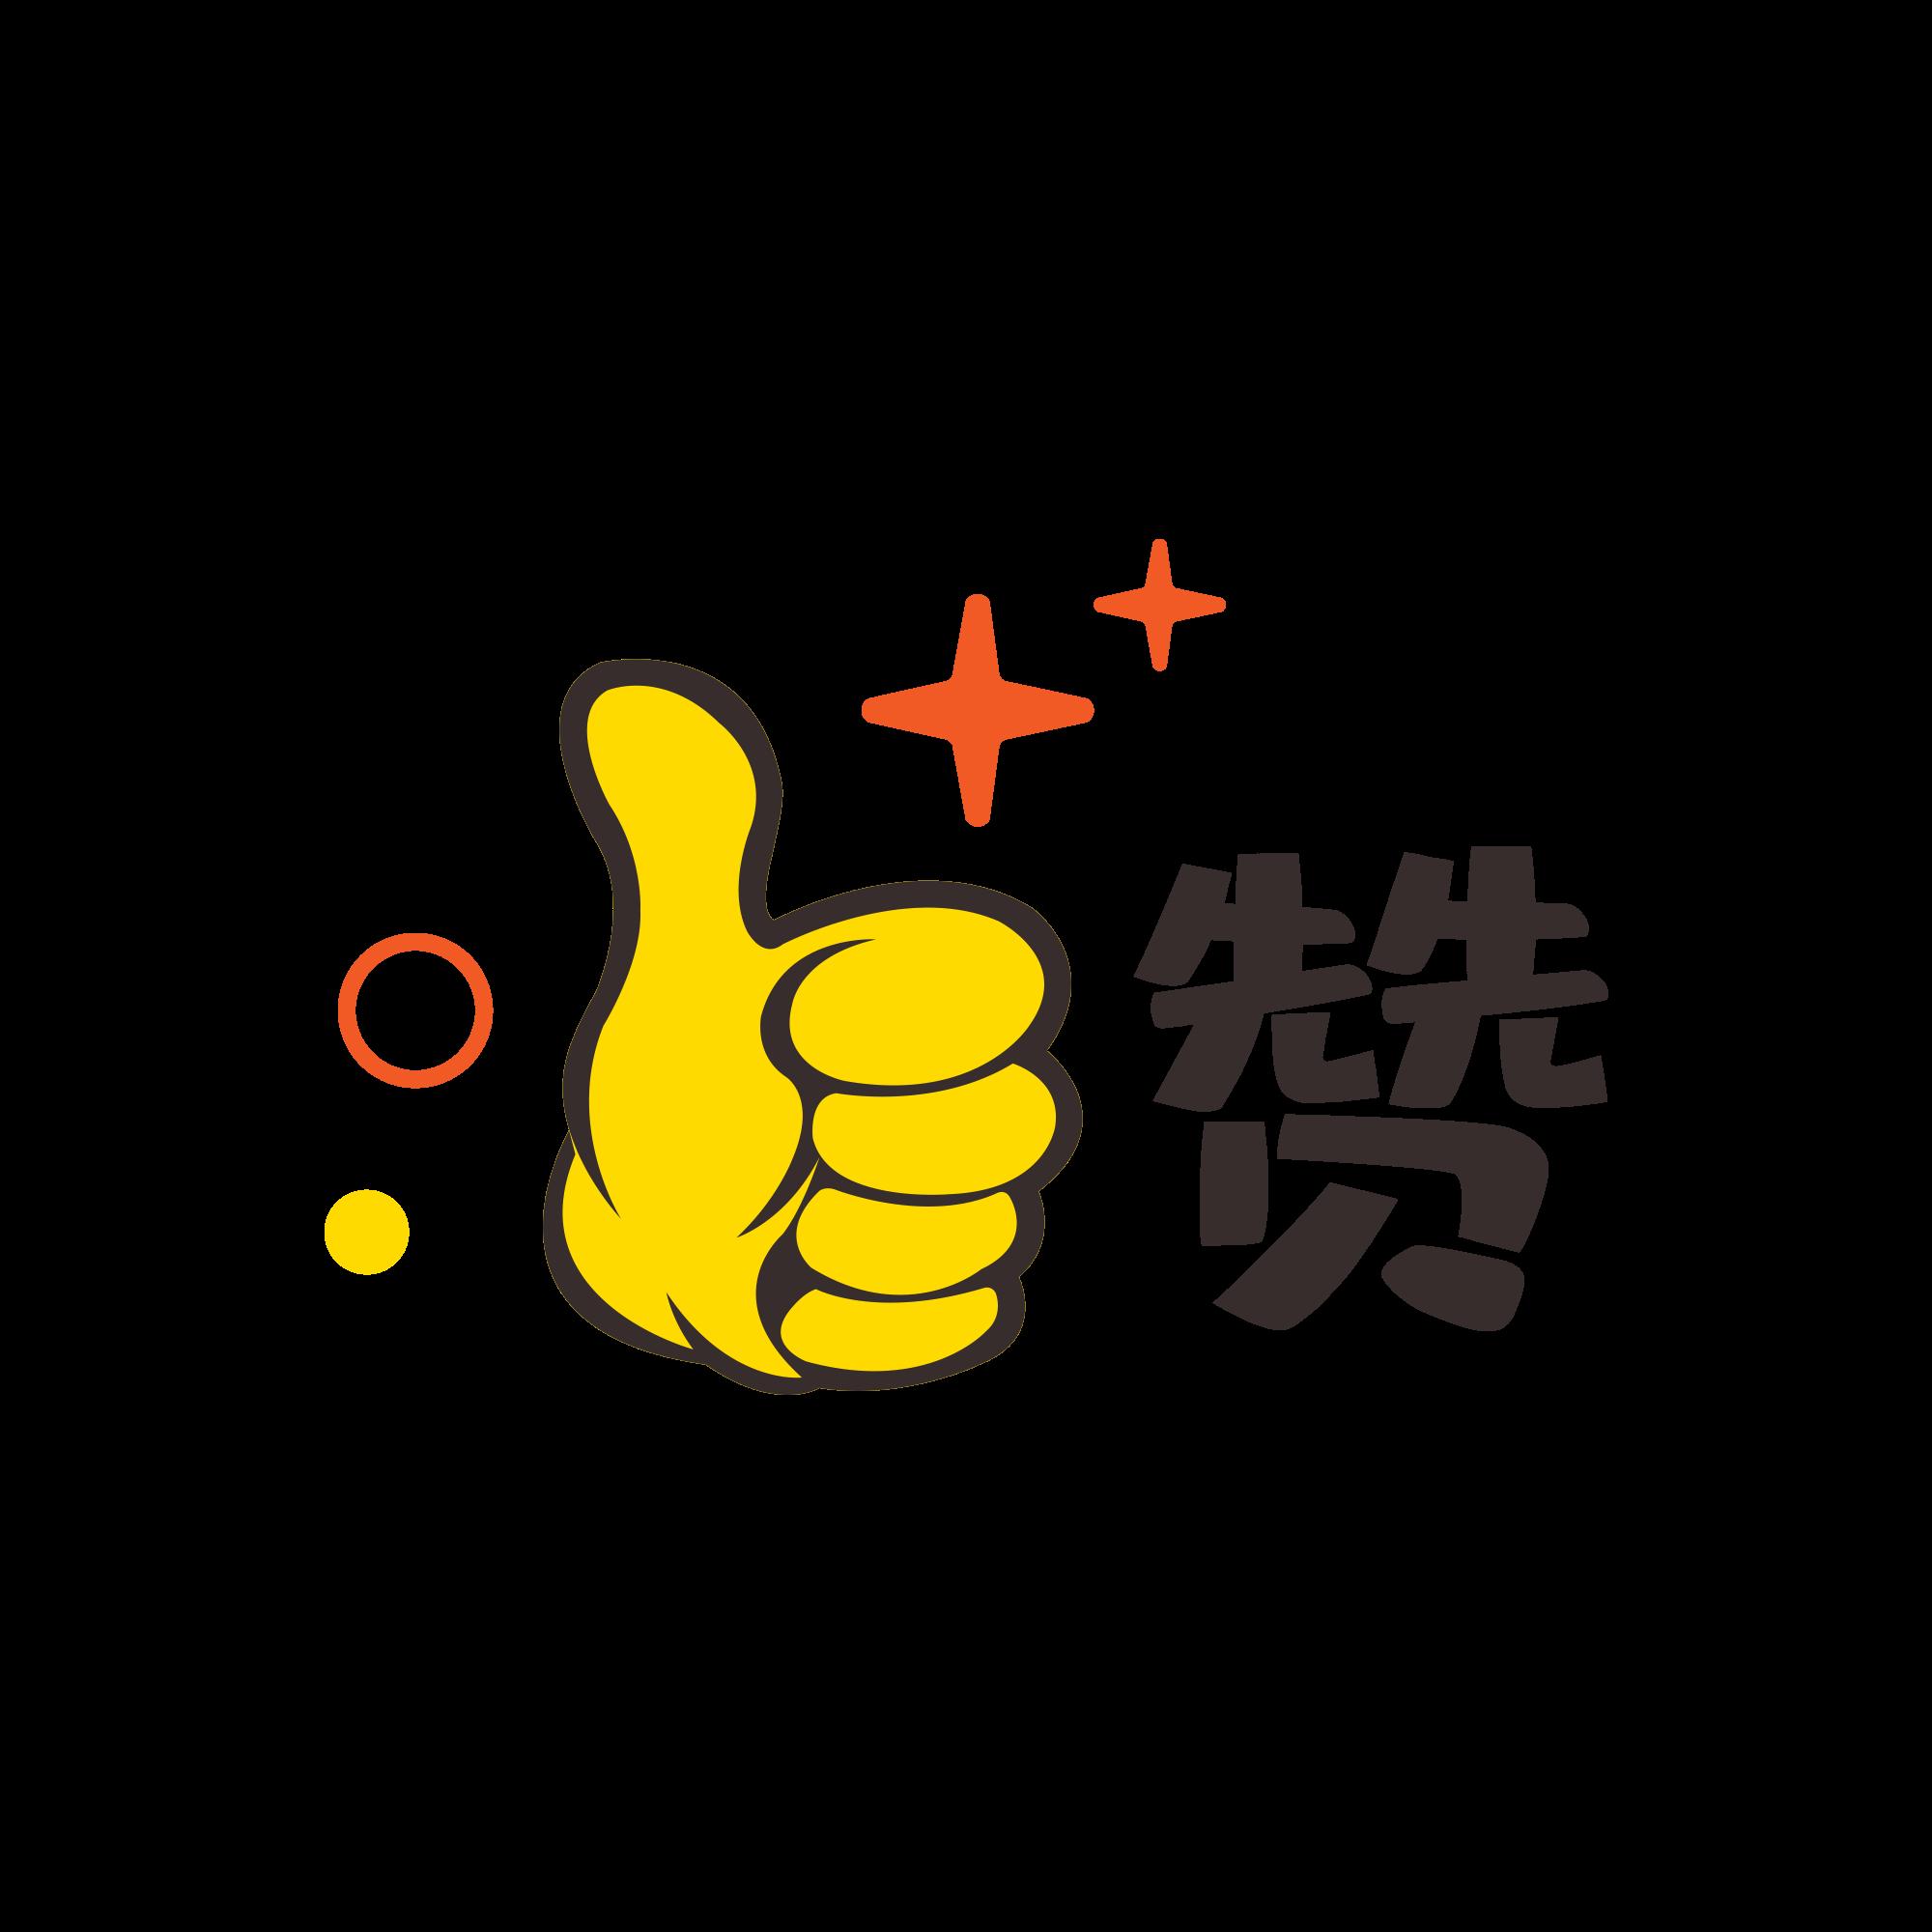 南京市市场监督管理局召开保健亚搏体育手机行业专项清理整治行动推进会